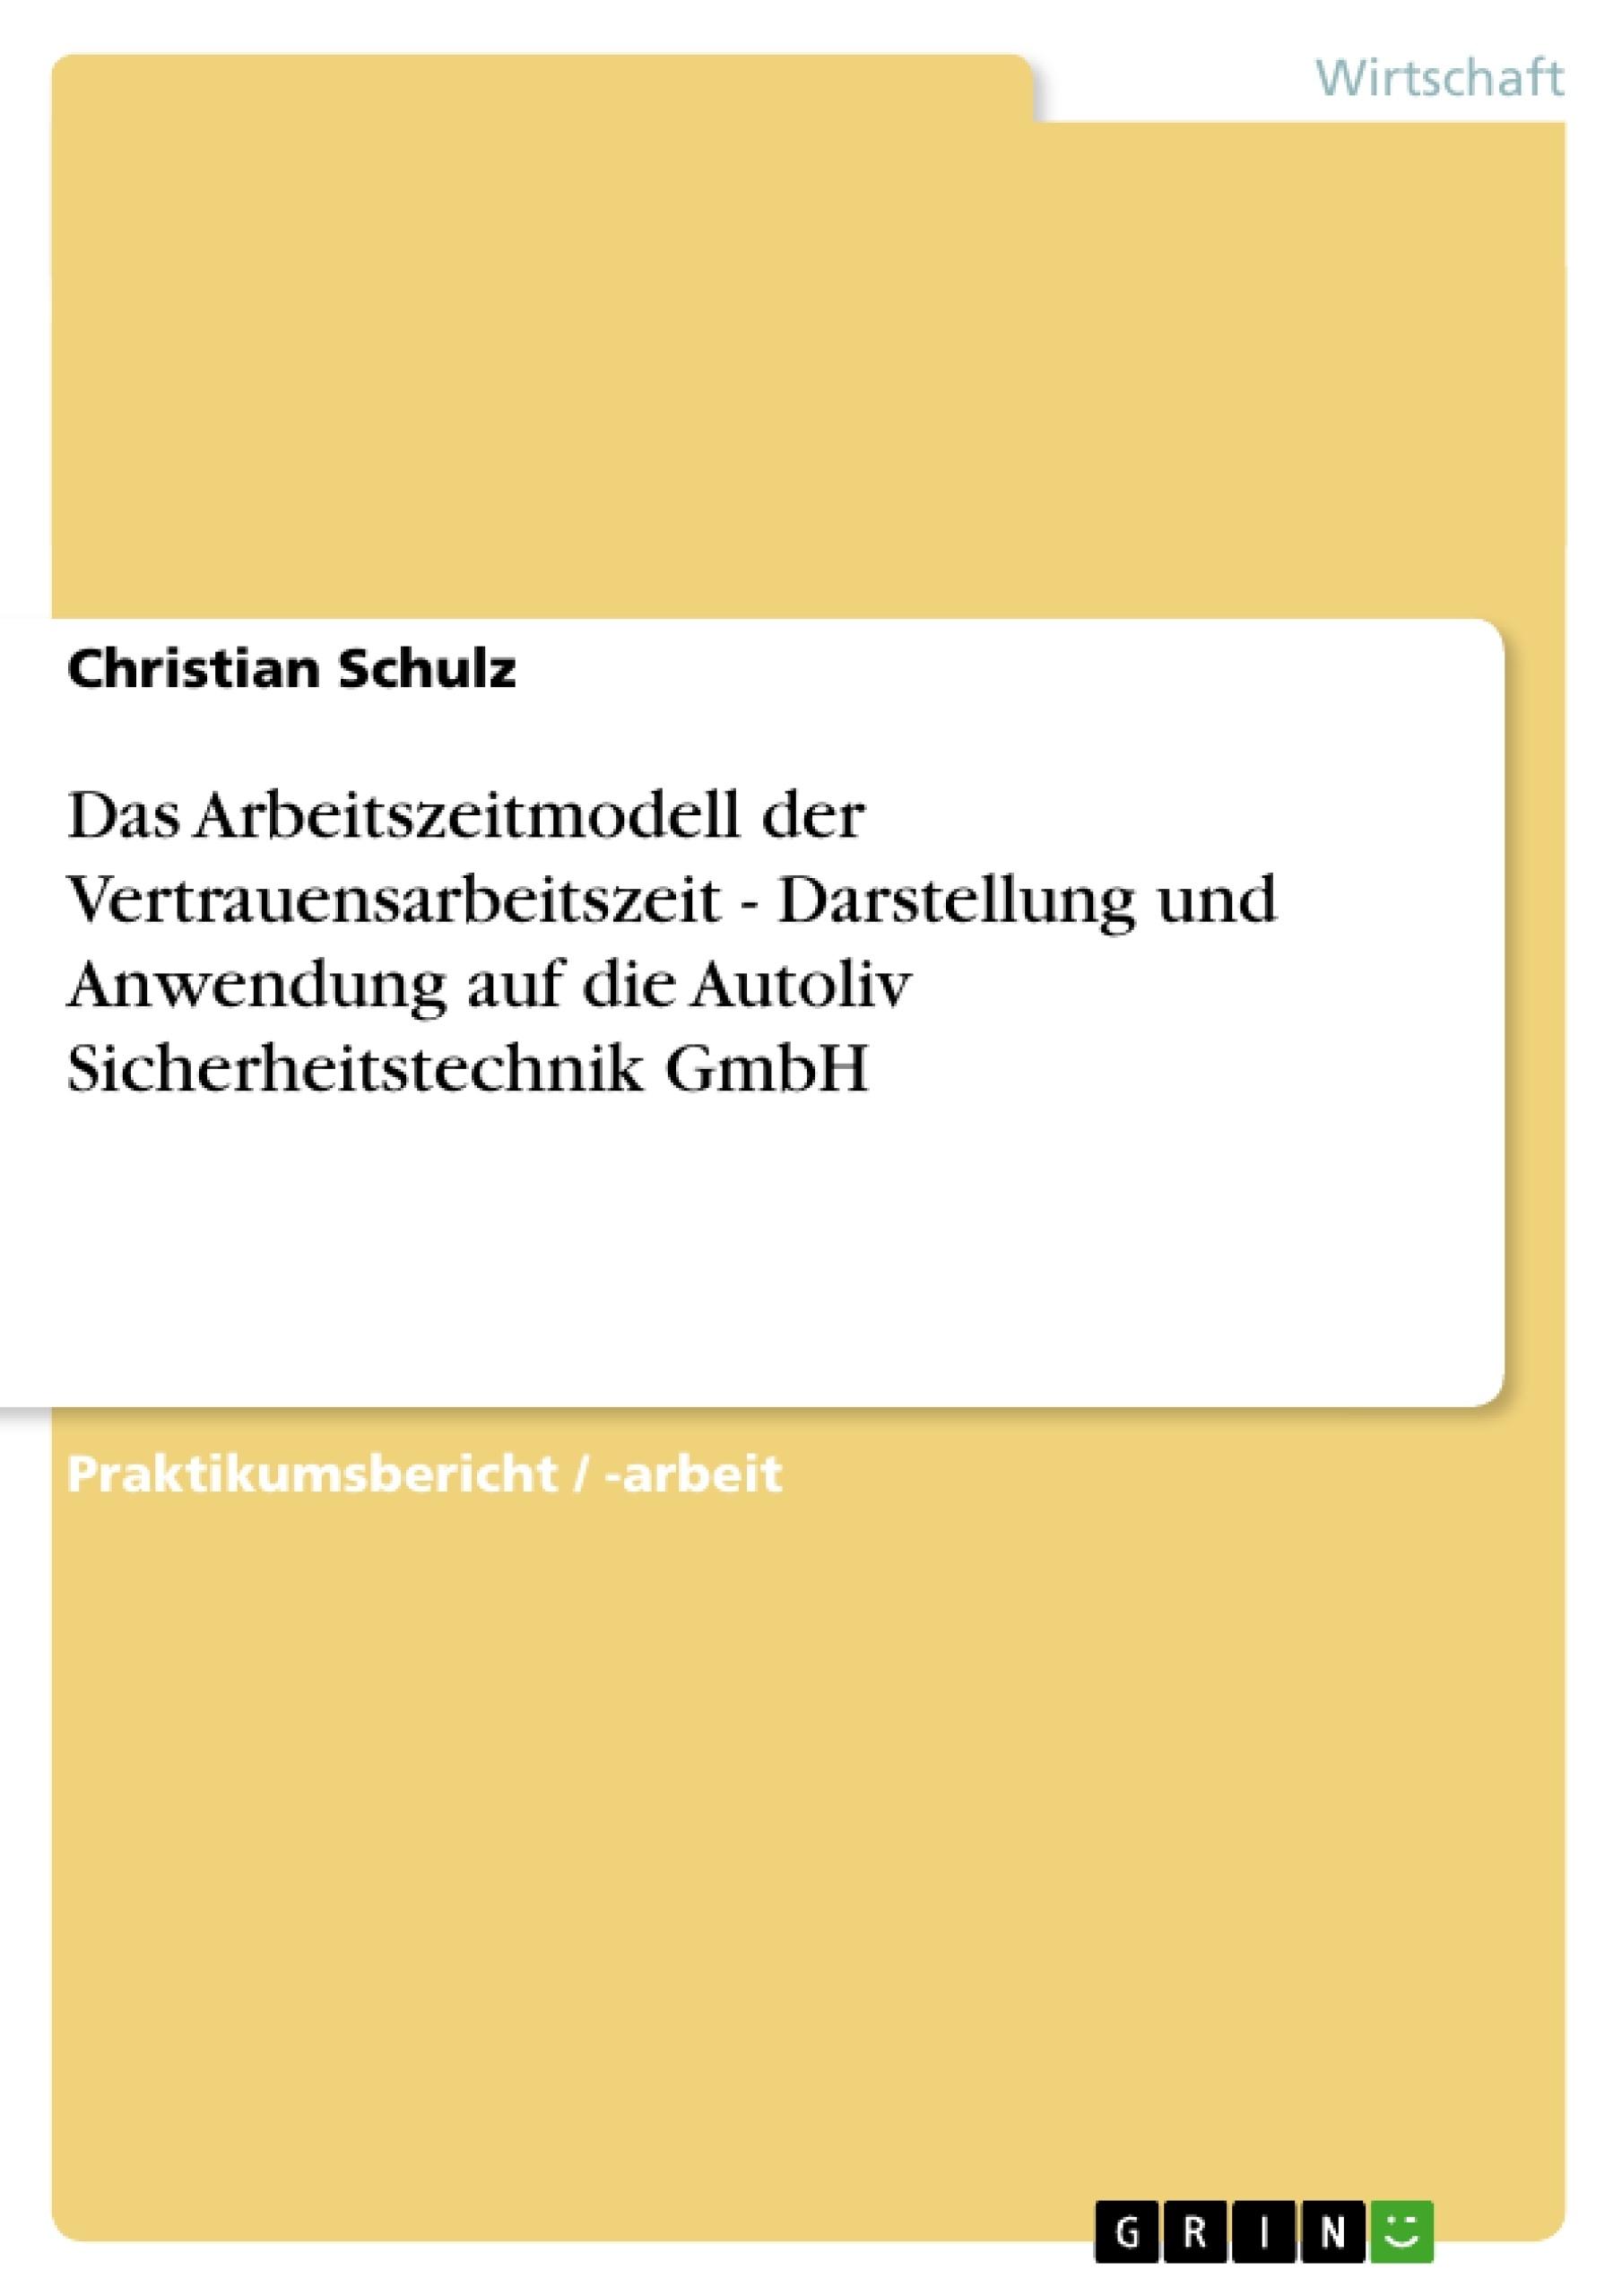 Titel: Das Arbeitszeitmodell der Vertrauensarbeitszeit - Darstellung und Anwendung auf die Autoliv Sicherheitstechnik GmbH